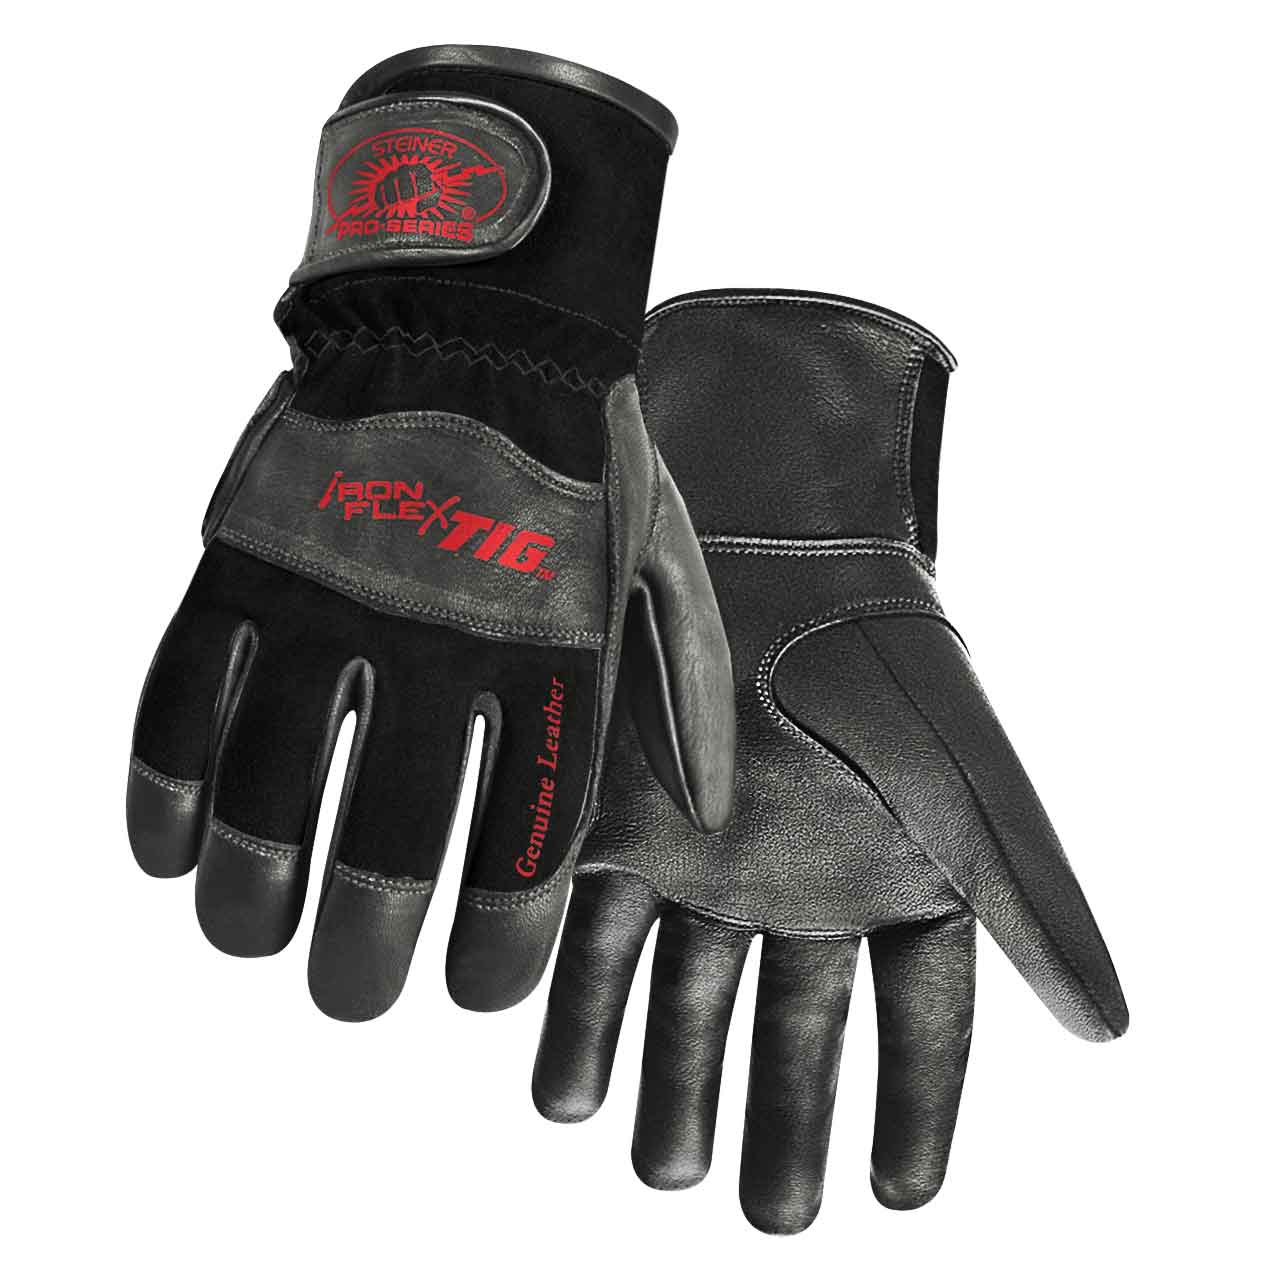 Steiner 0265 Pro-Series IronFlex TIG Premium Kidskin TIG Welding Gloves, Reverse Kidskin Back, Adjustable Cuff, Medium